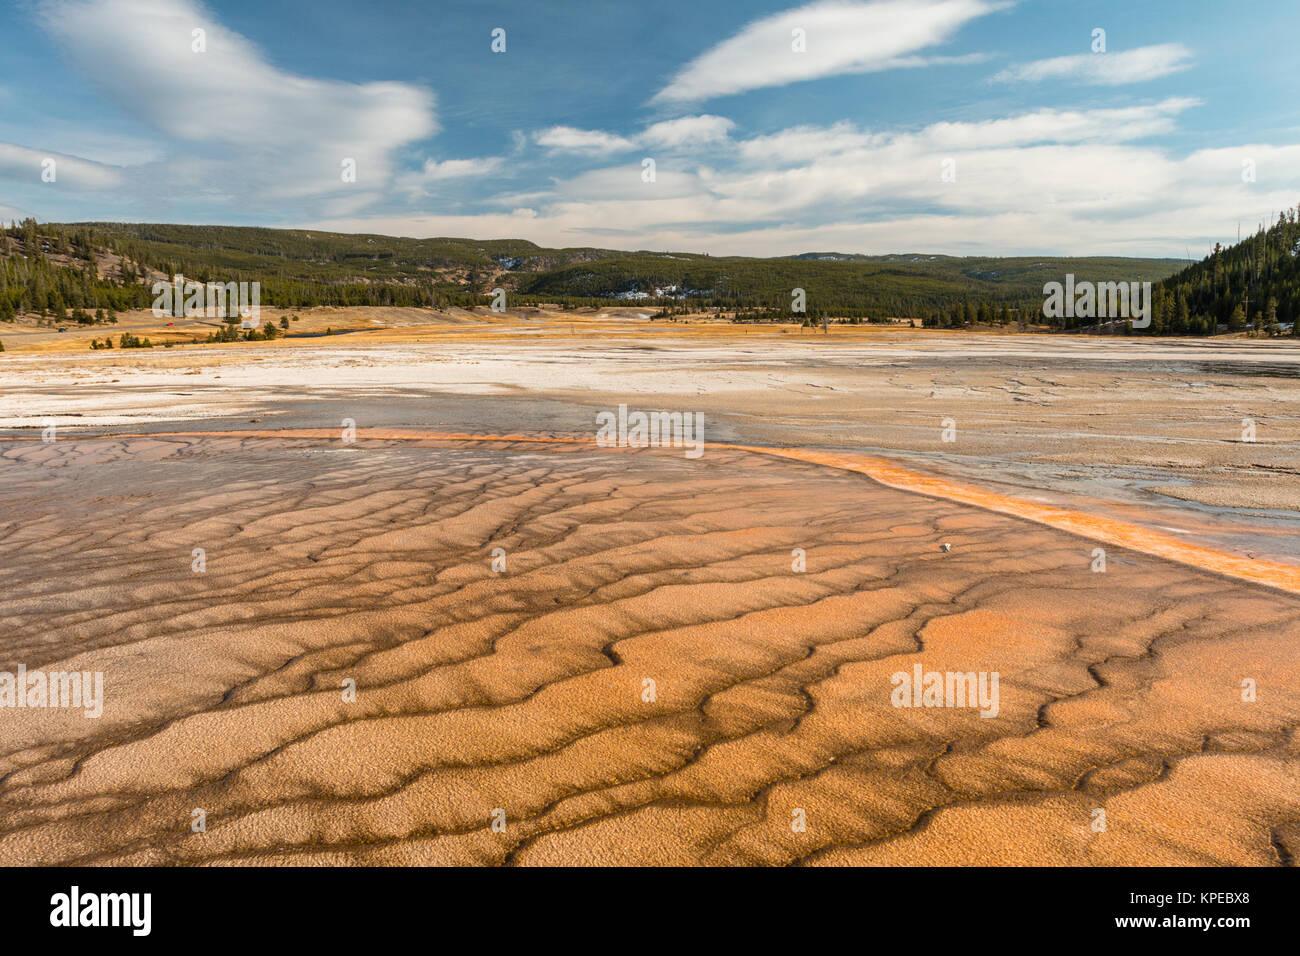 Mat bacteriana en Grand Prismatic Hot Spring en el Parque Nacional Yellowstone, Wyoming Foto de stock